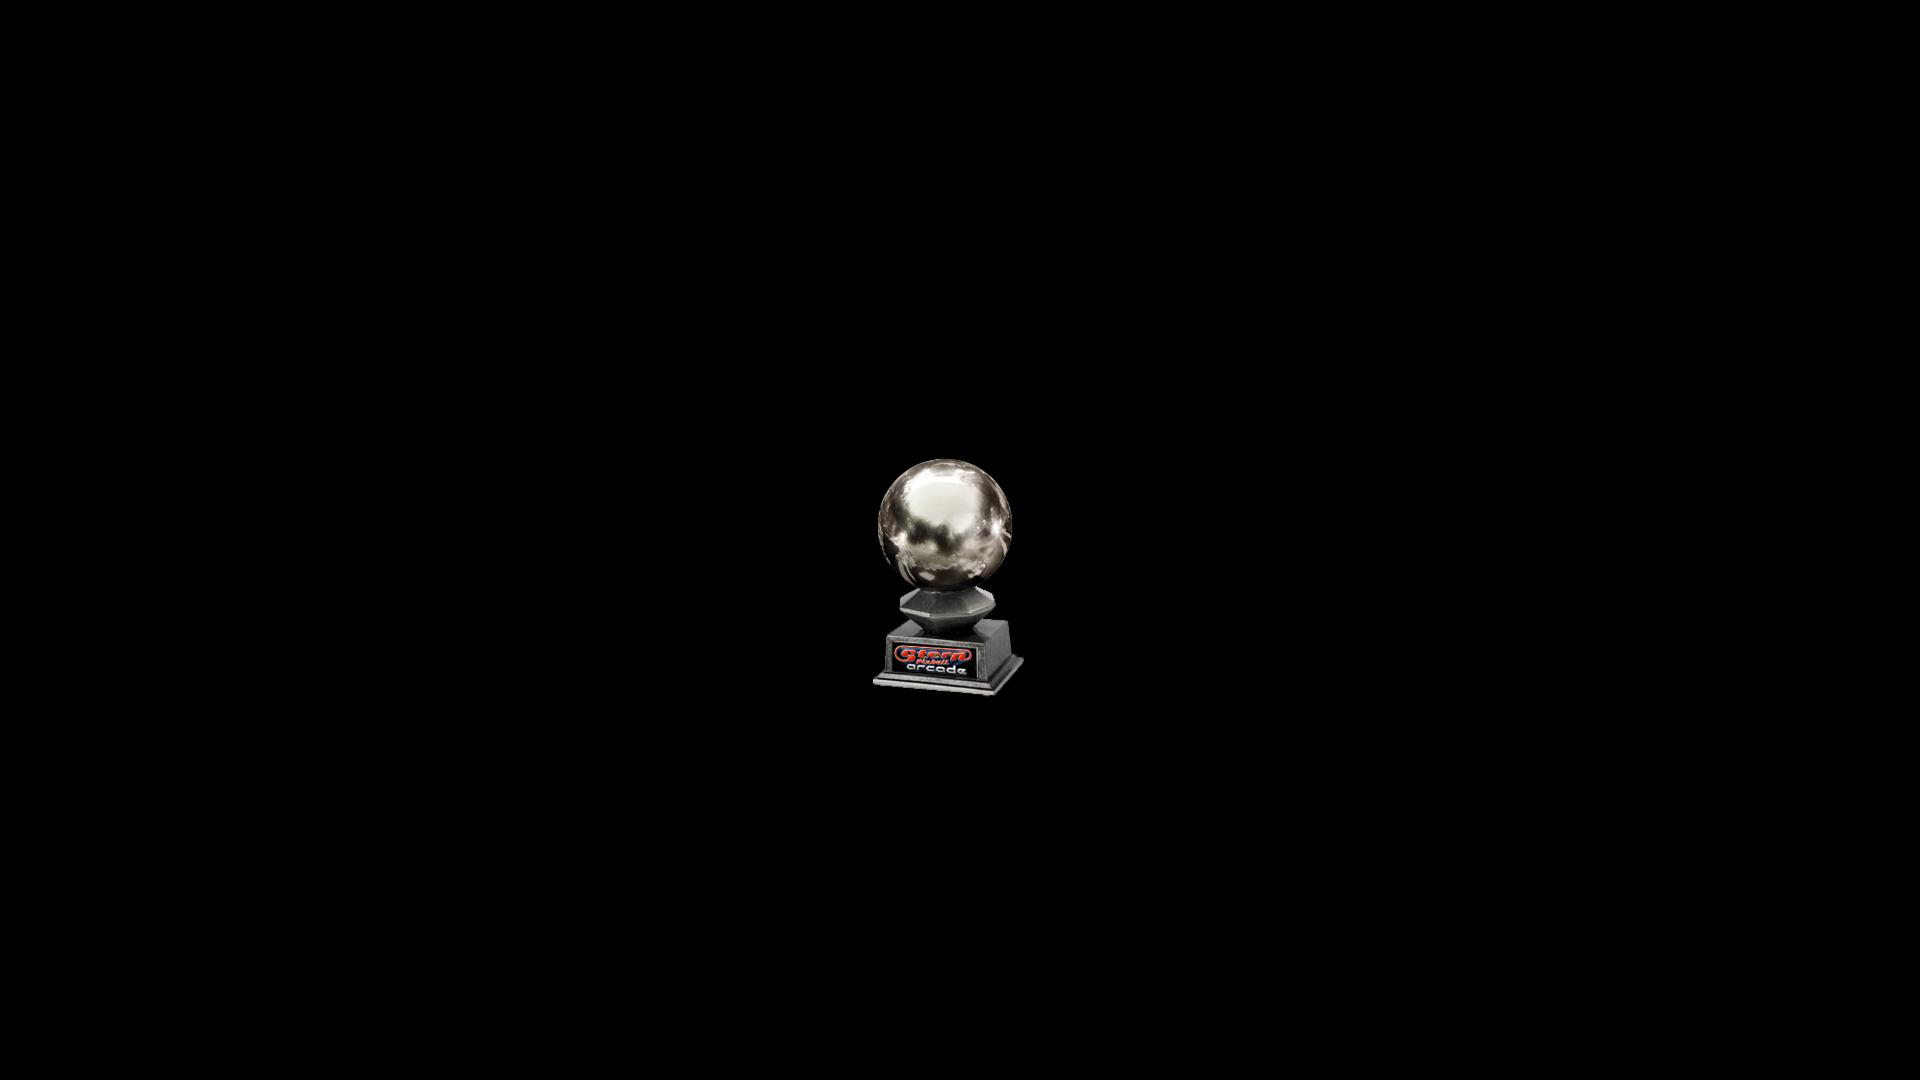 AC/DC Premium Score Champion